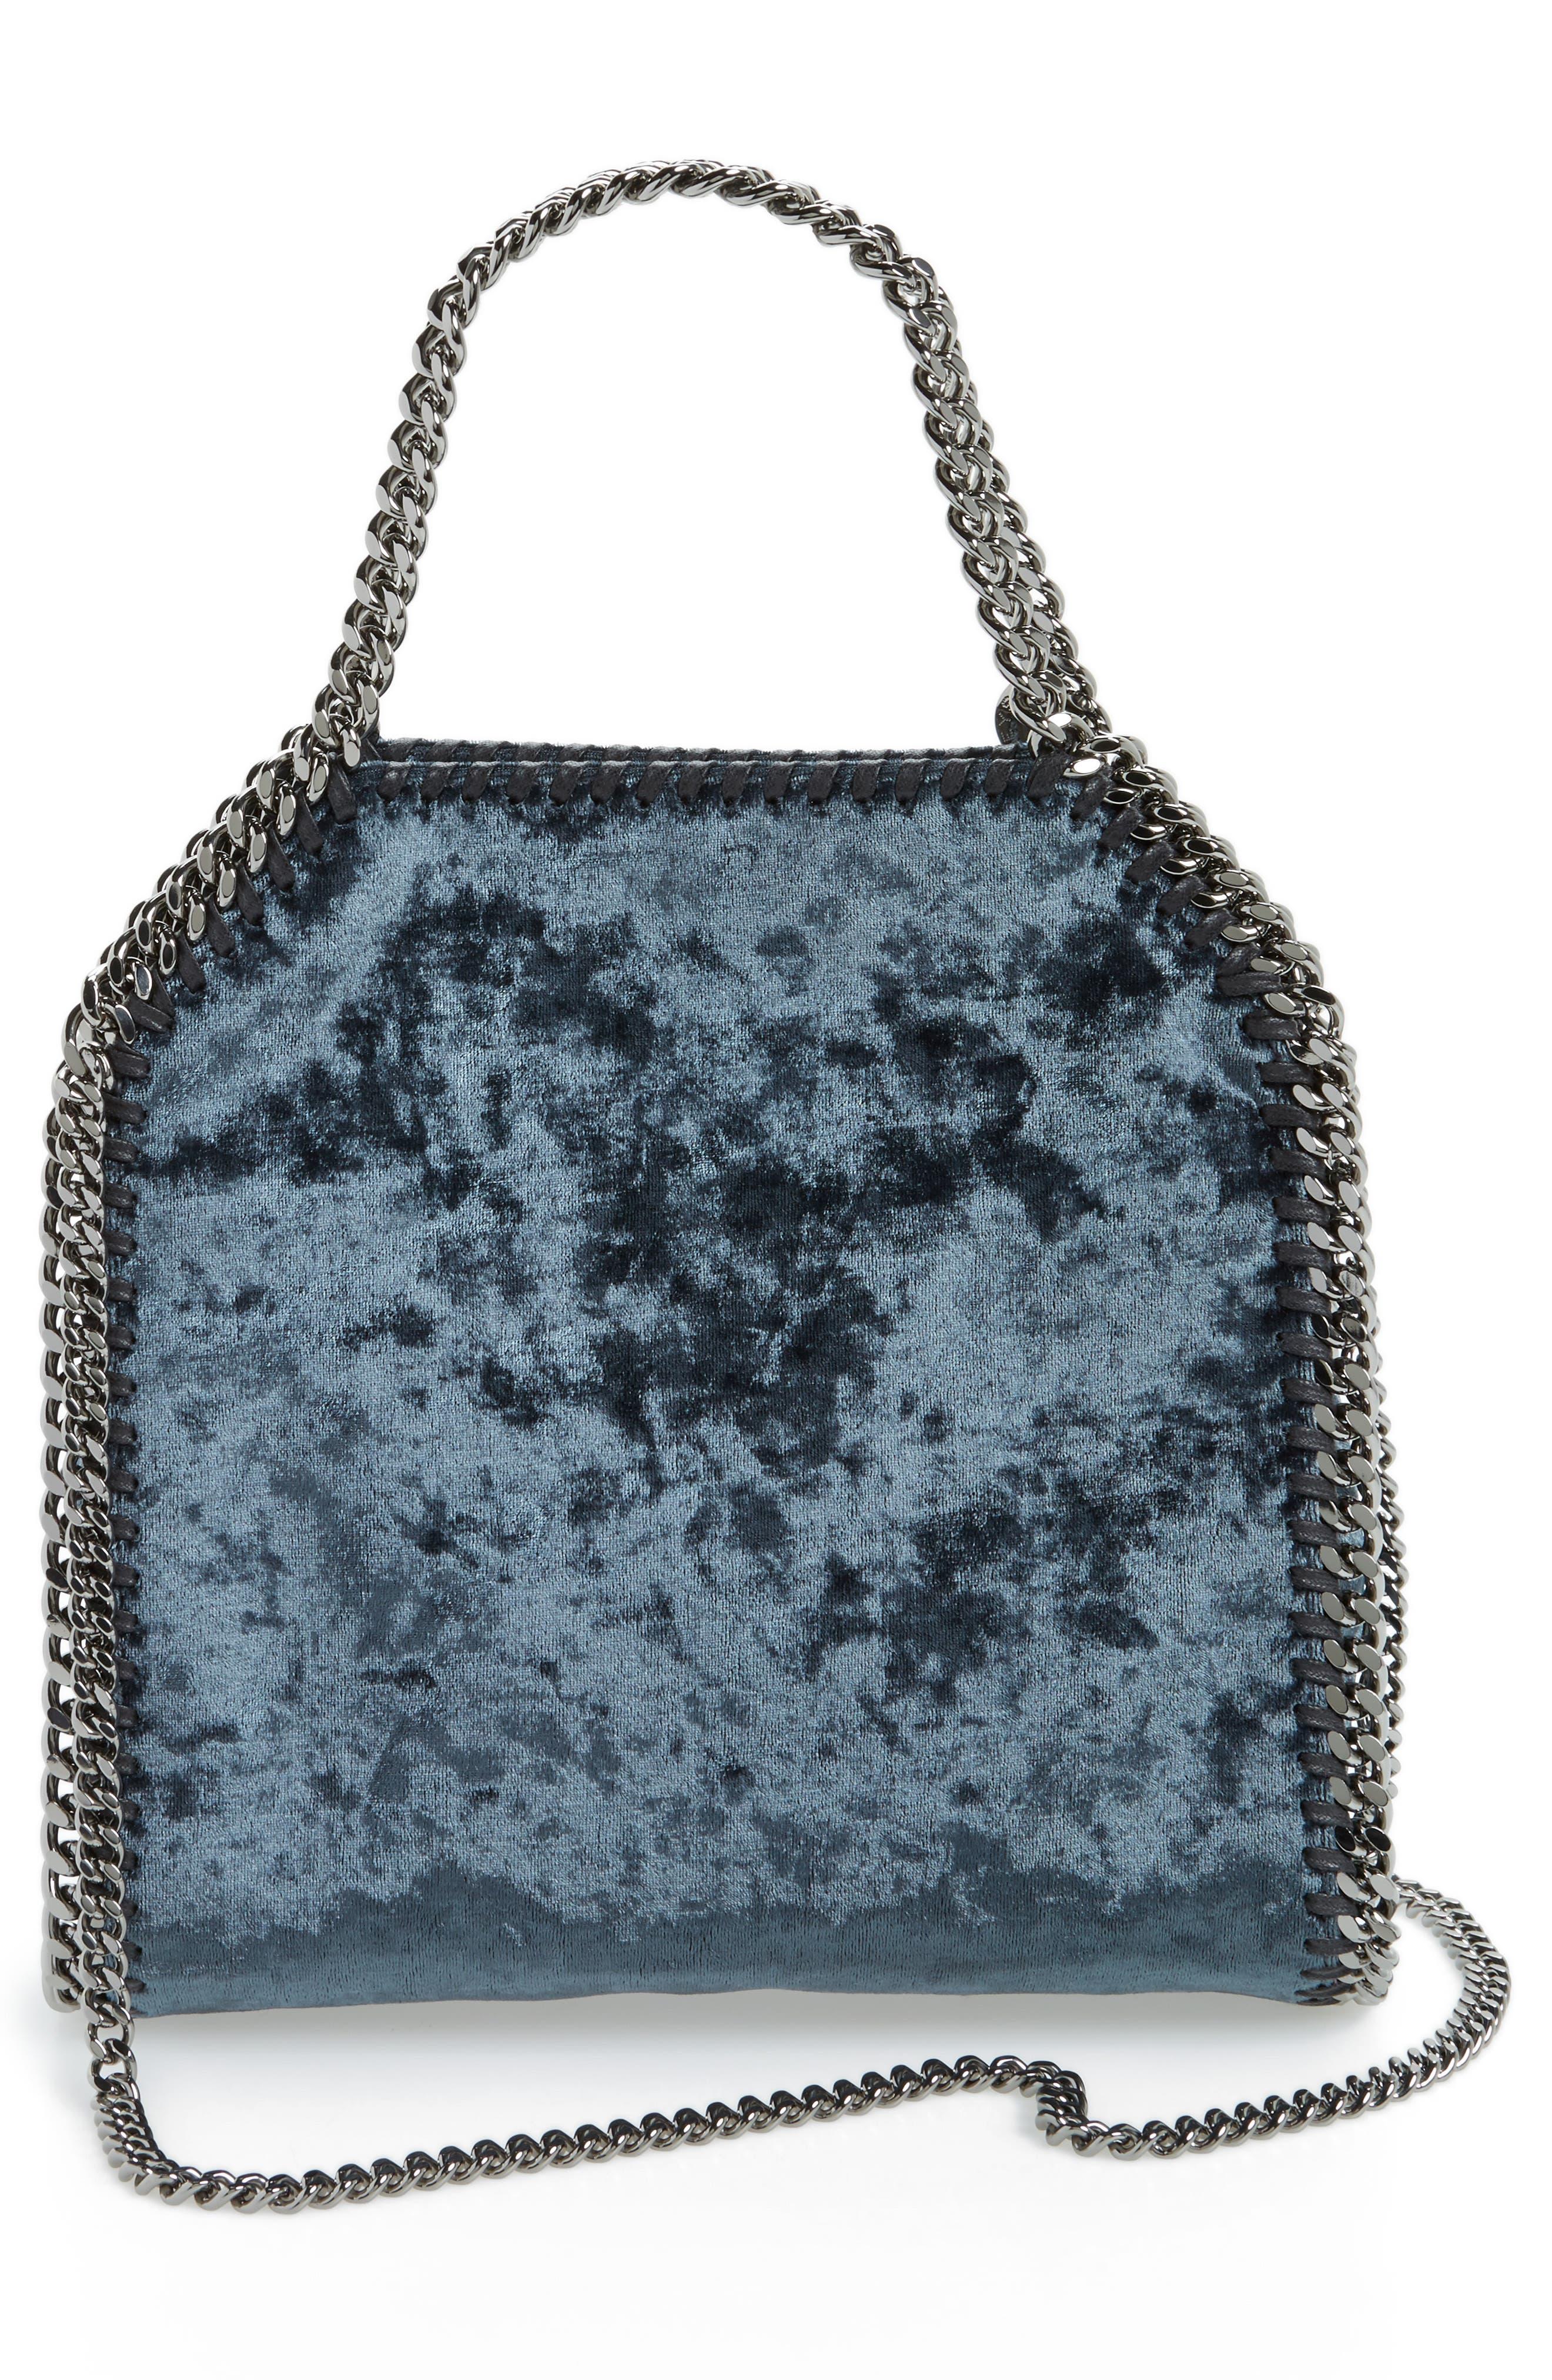 Mini Falabella Crushed Velvet Bag,                             Alternate thumbnail 2, color,                             Charcoal